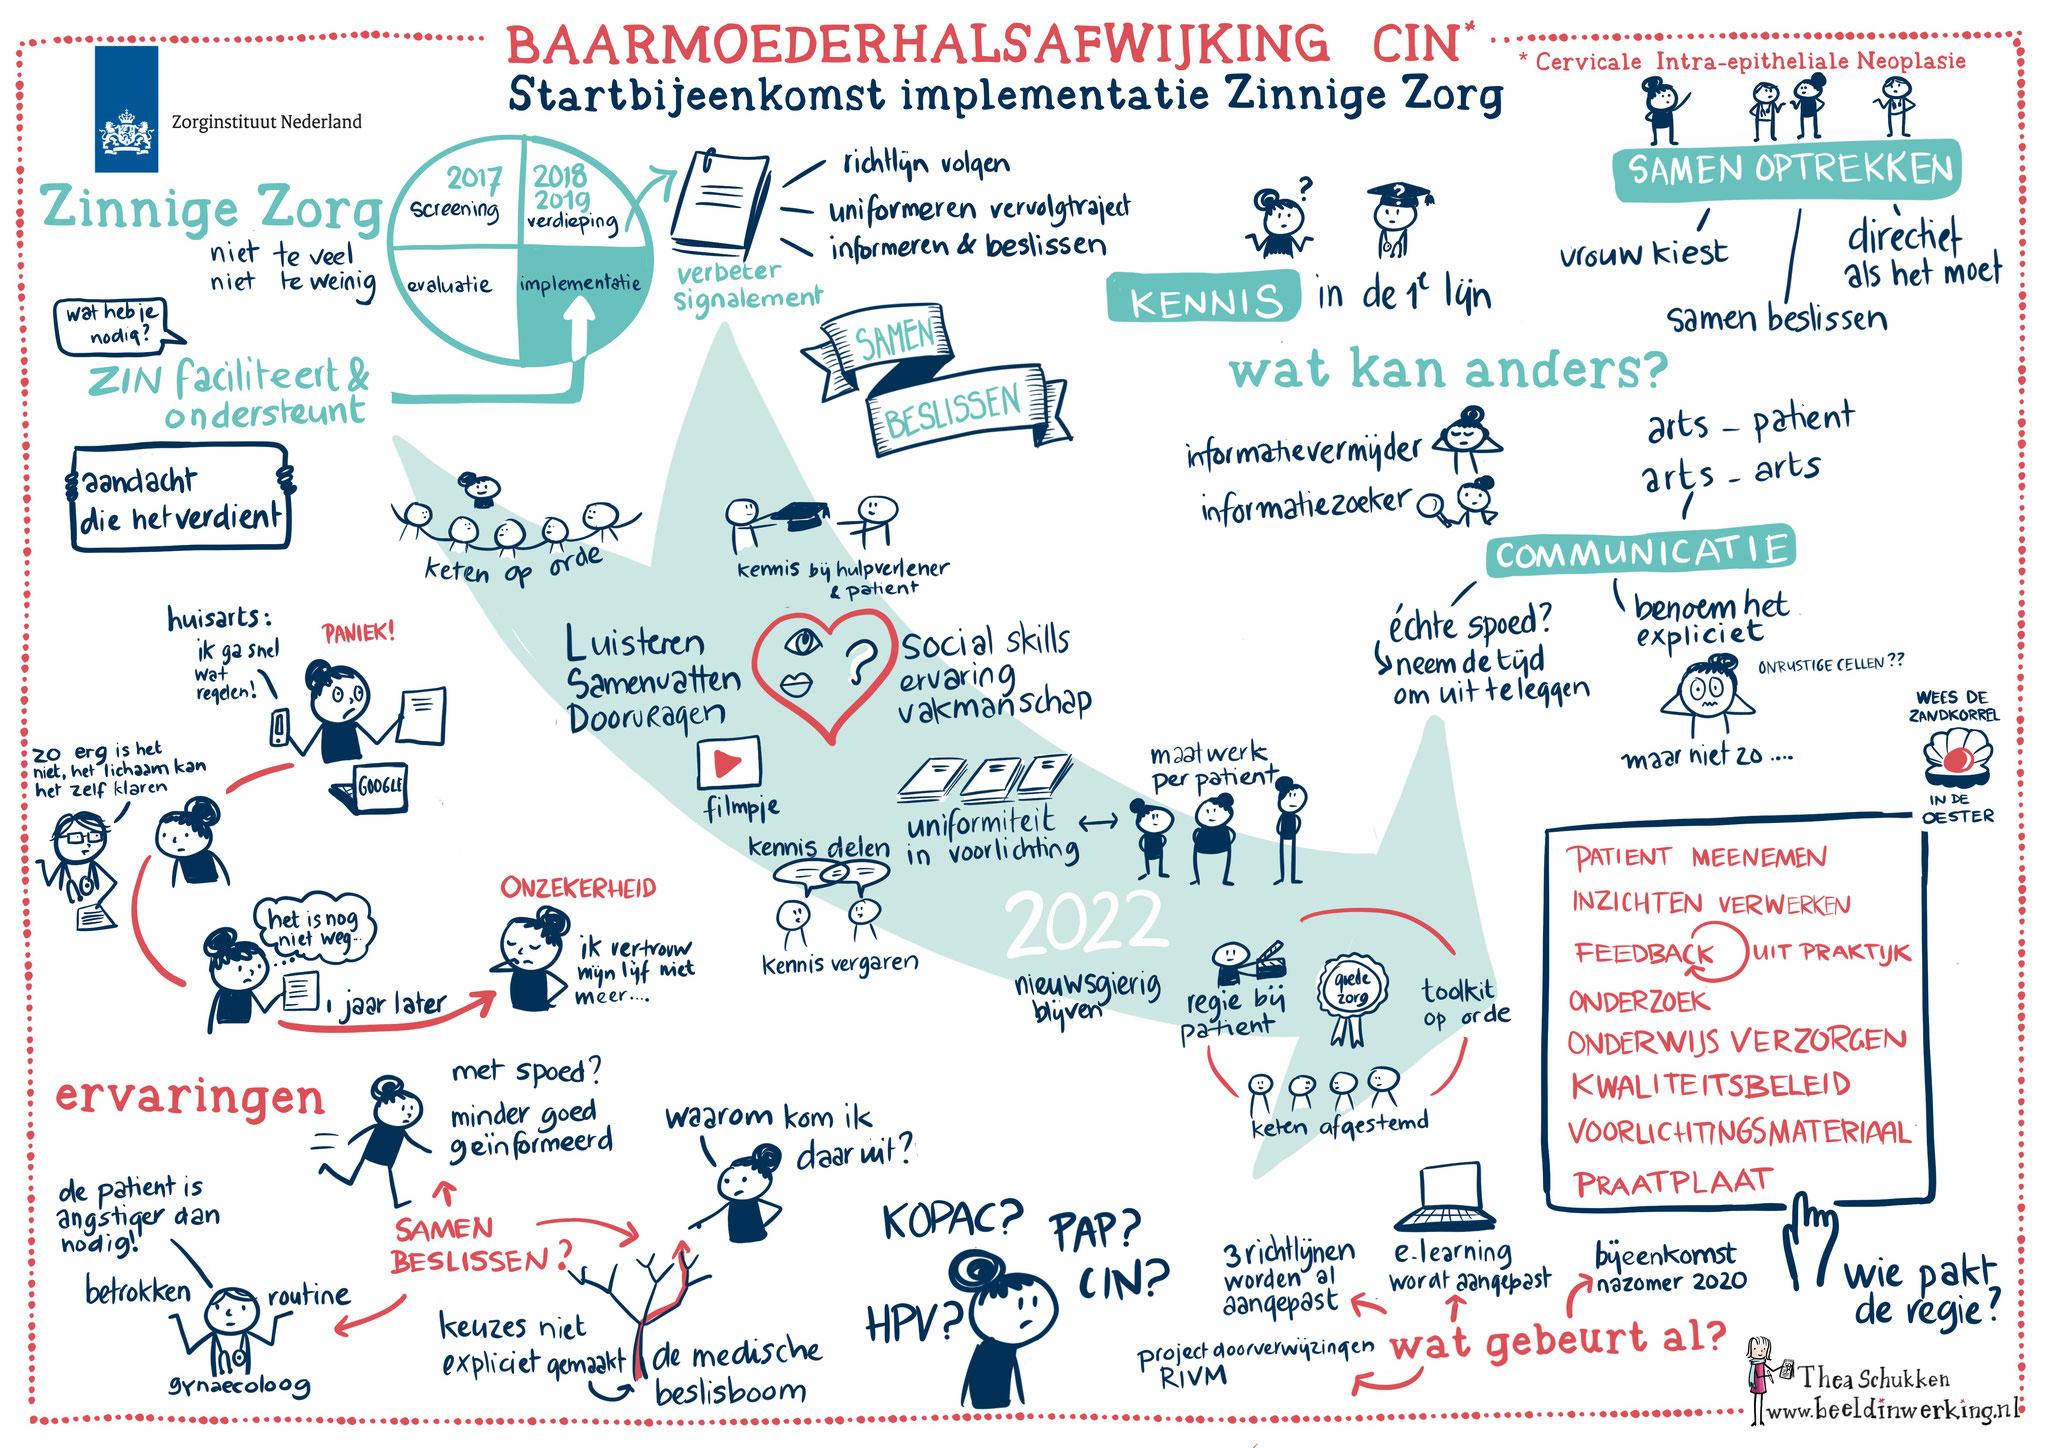 digitaal visueel verslag Zorginstituut